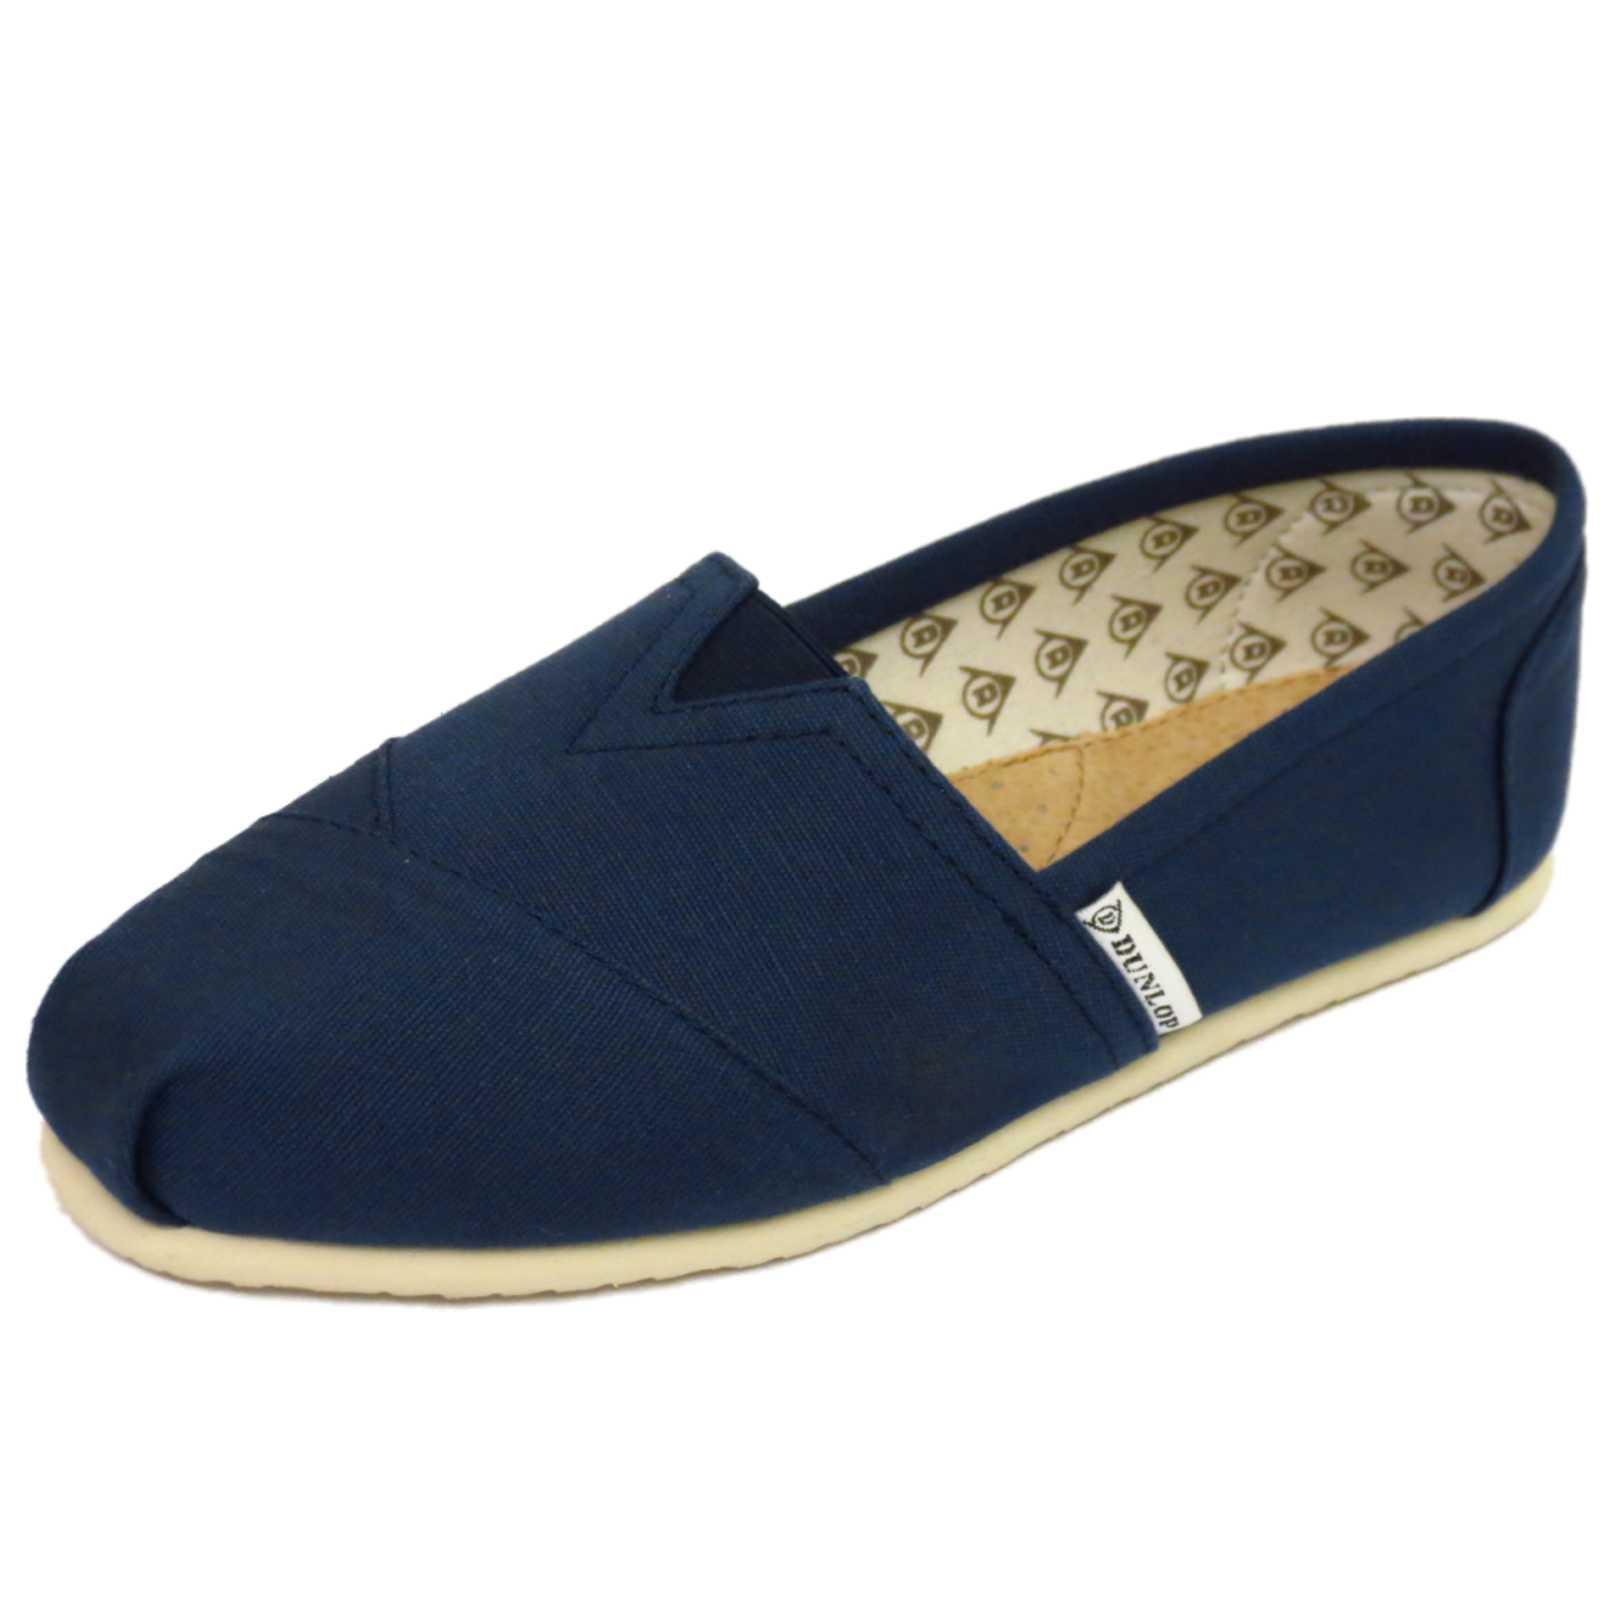 Zapatos azules Dunlop para mujer 2mUBT2LMH